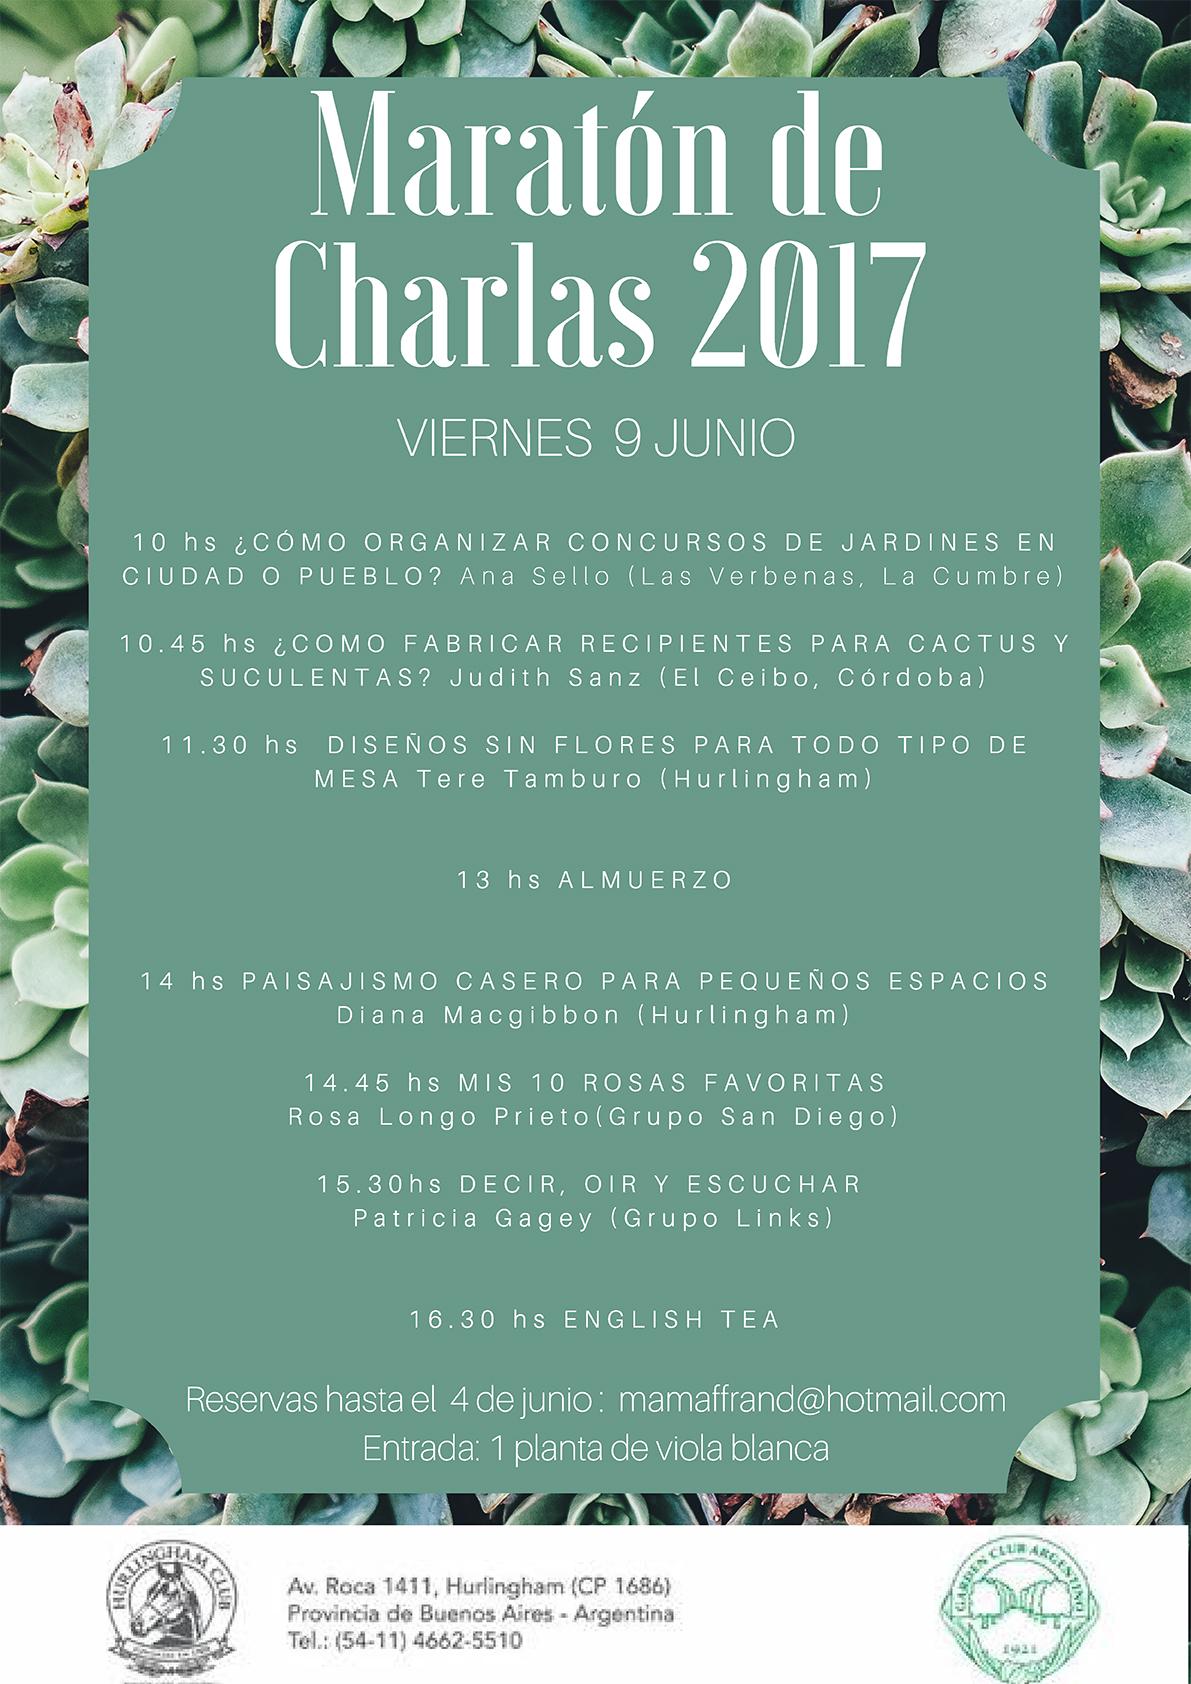 Maratón de Charlas 2017